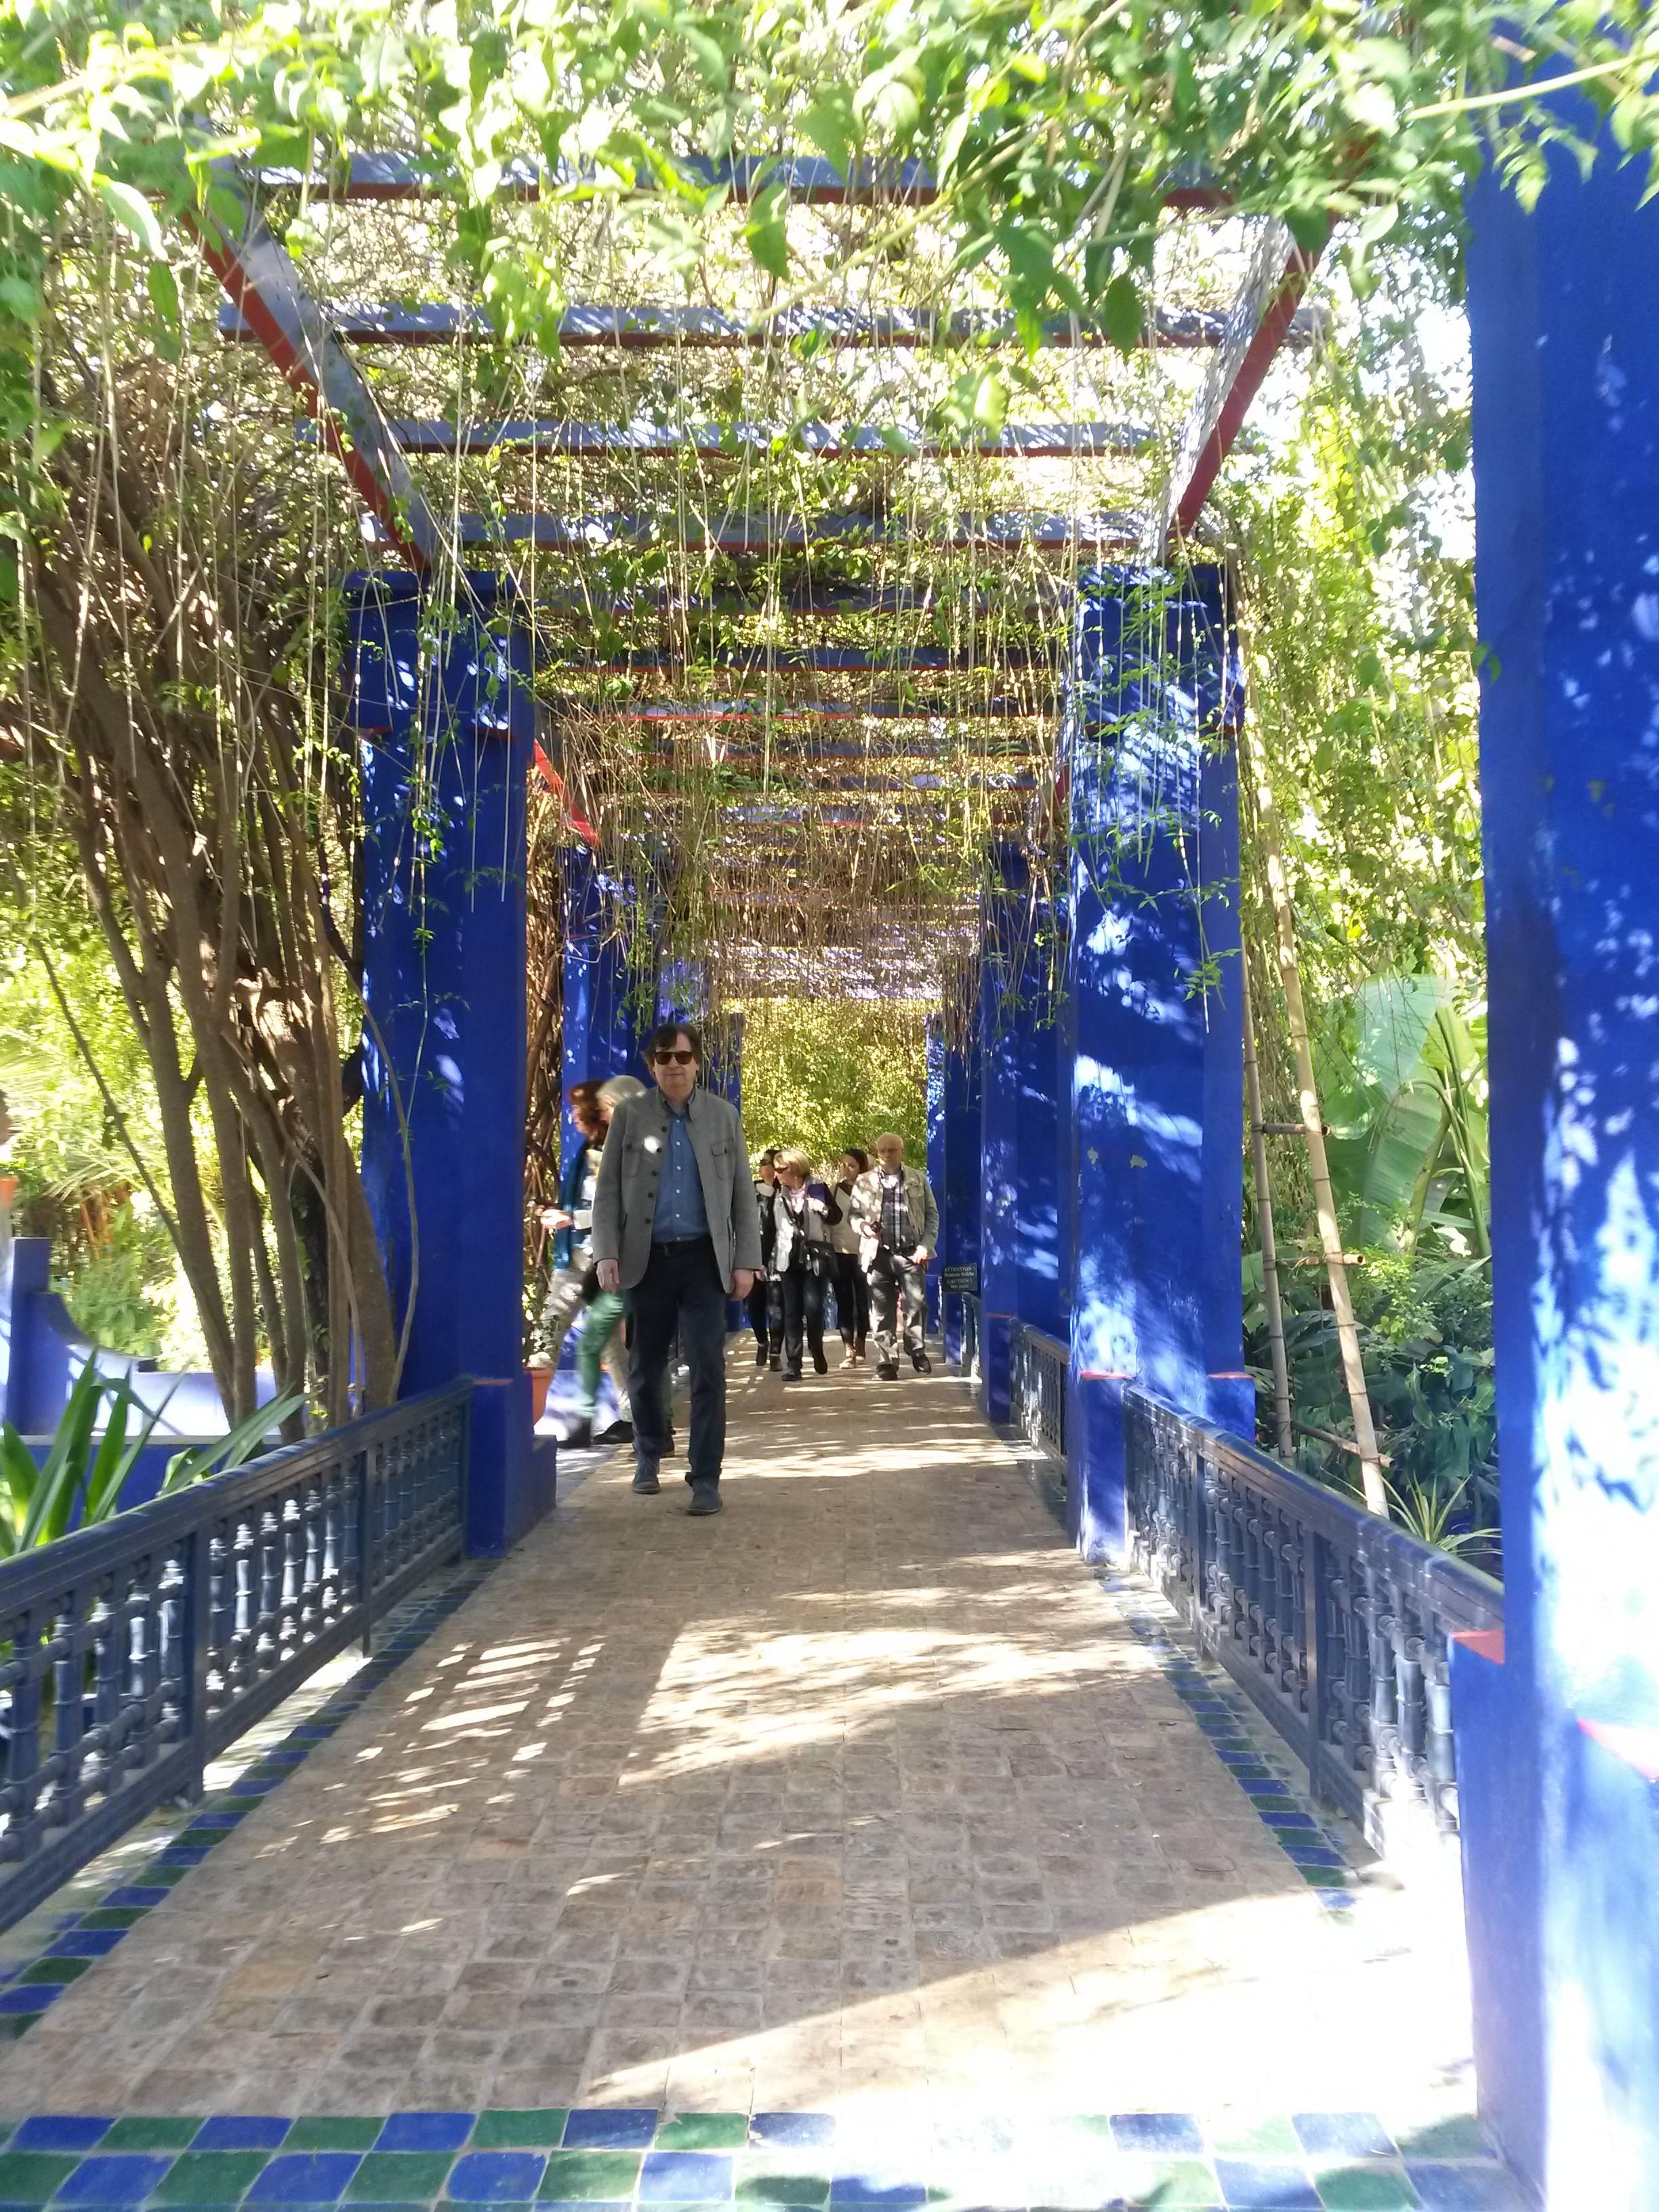 Photo 1: Le jardin Majorelle en amoureux